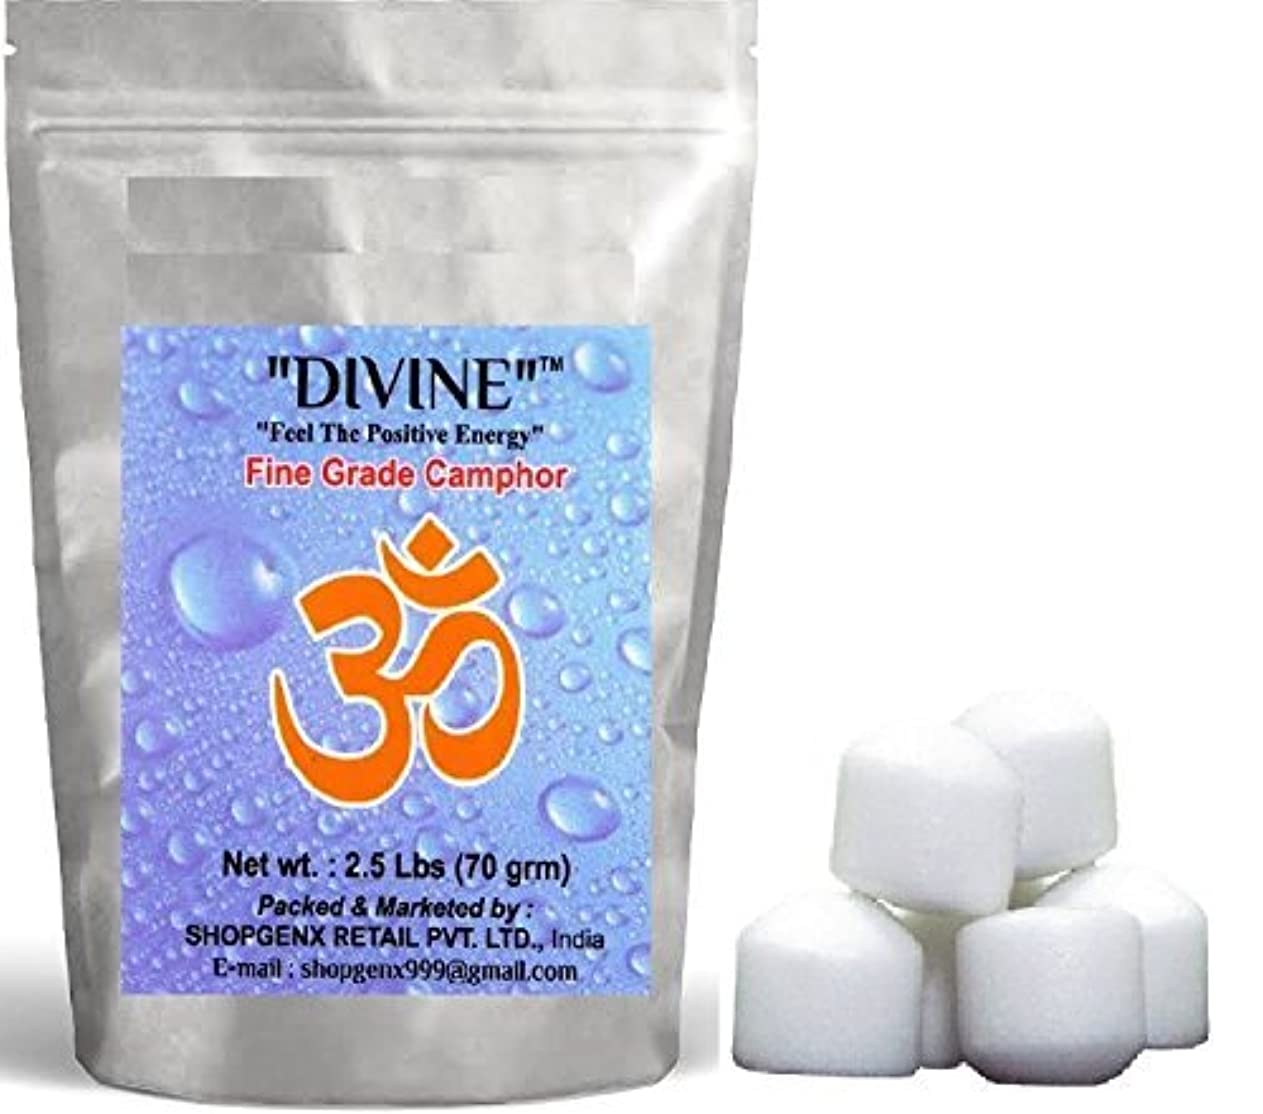 マウント返還と組む供養Pure Refined Camphor 70 gmラウンドfor Holy Spiritual Hindu供養Ganpati & Diwali Rituals